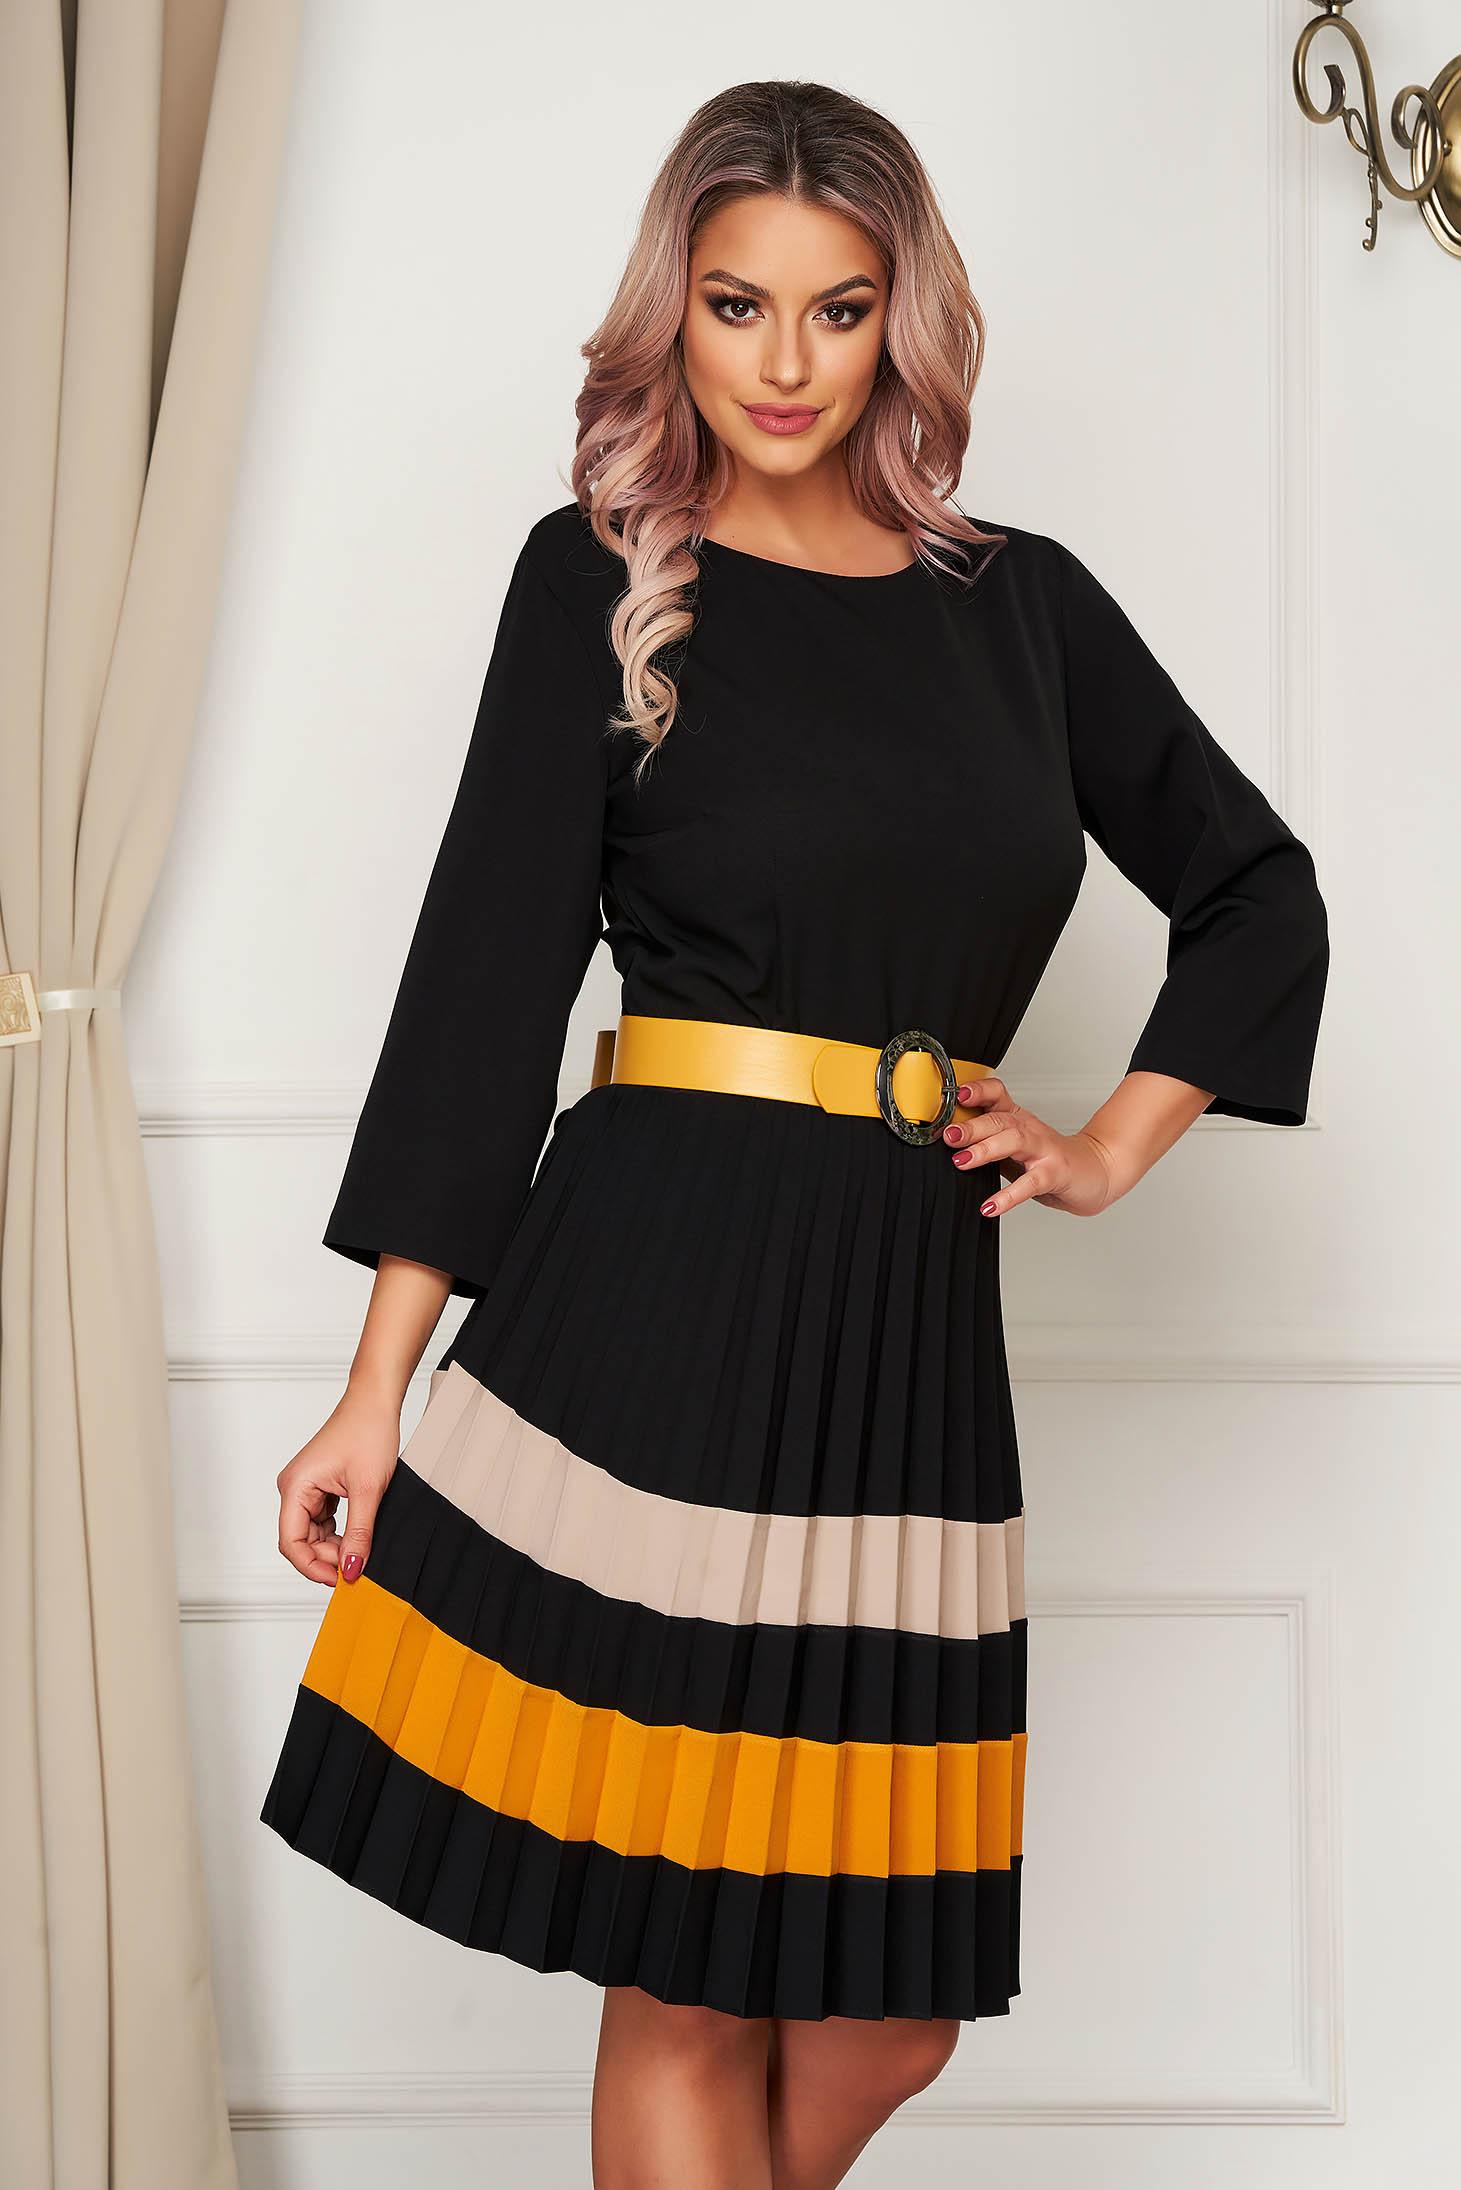 Rochie office negru cu galben, din stofa usor elastica, in clos, plisata, cu curea